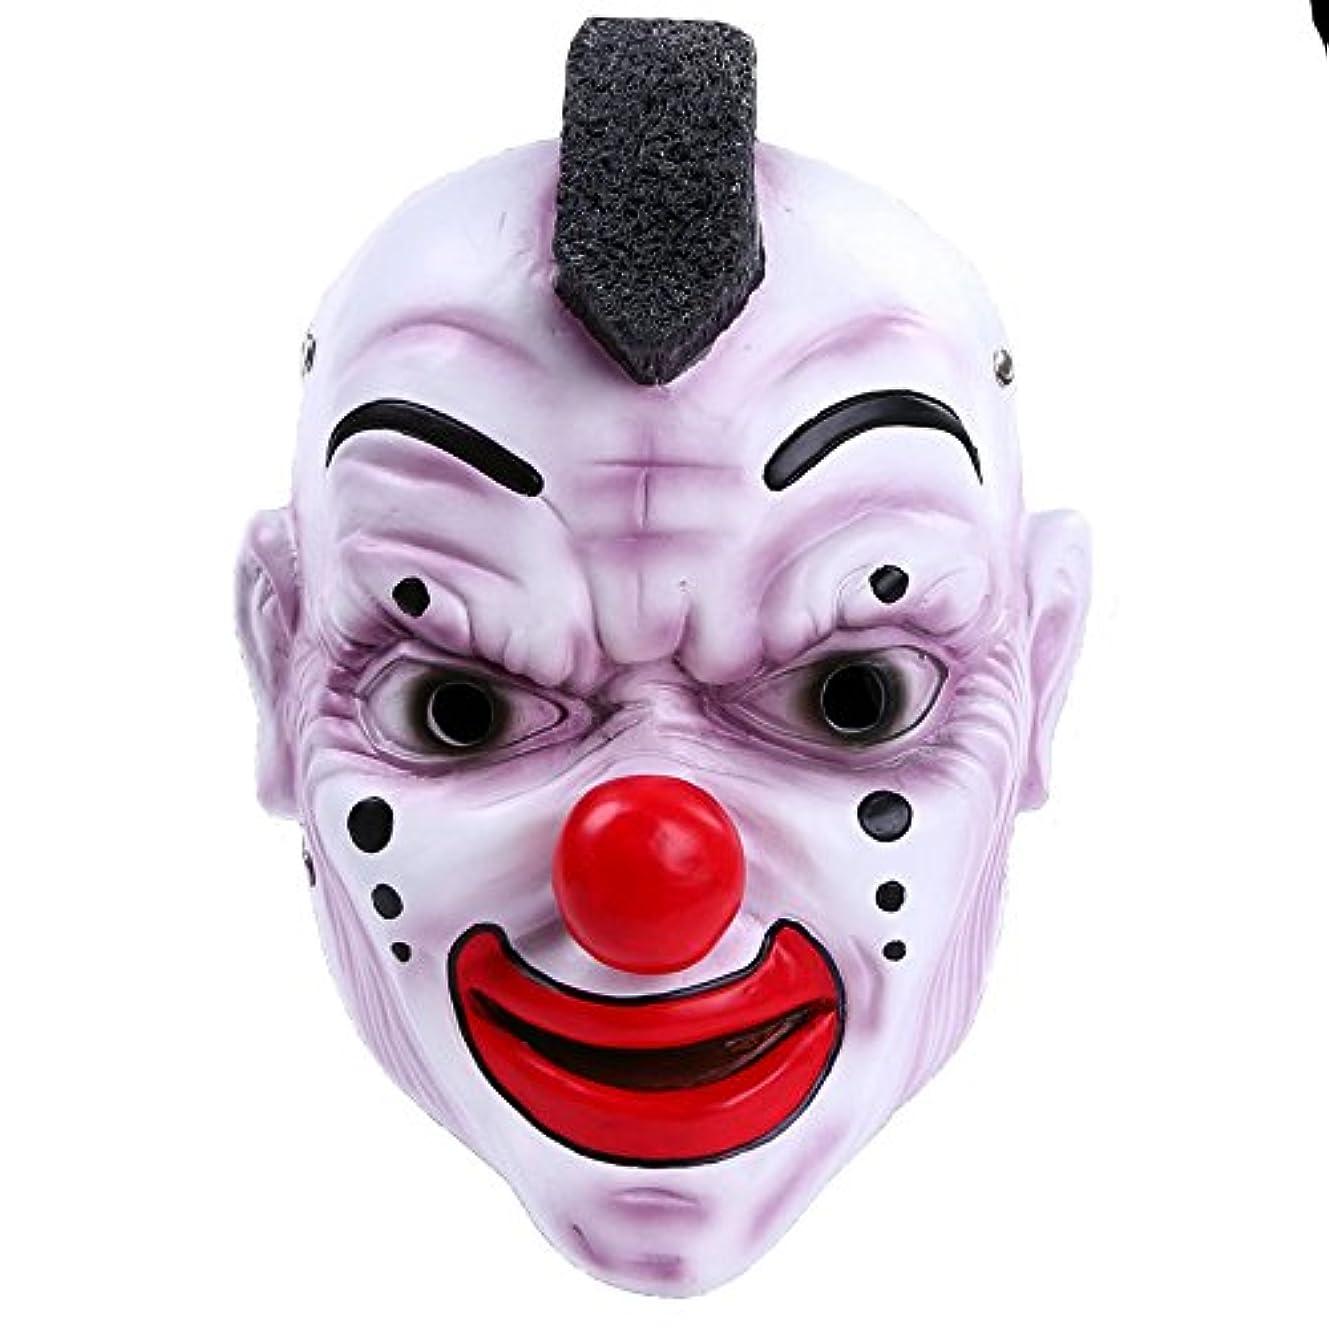 予防接種する予測する満州ハロウィンバーパーティーマスクスカルバンドマスク赤い鼻ピエロマスク樹脂工芸品マスク